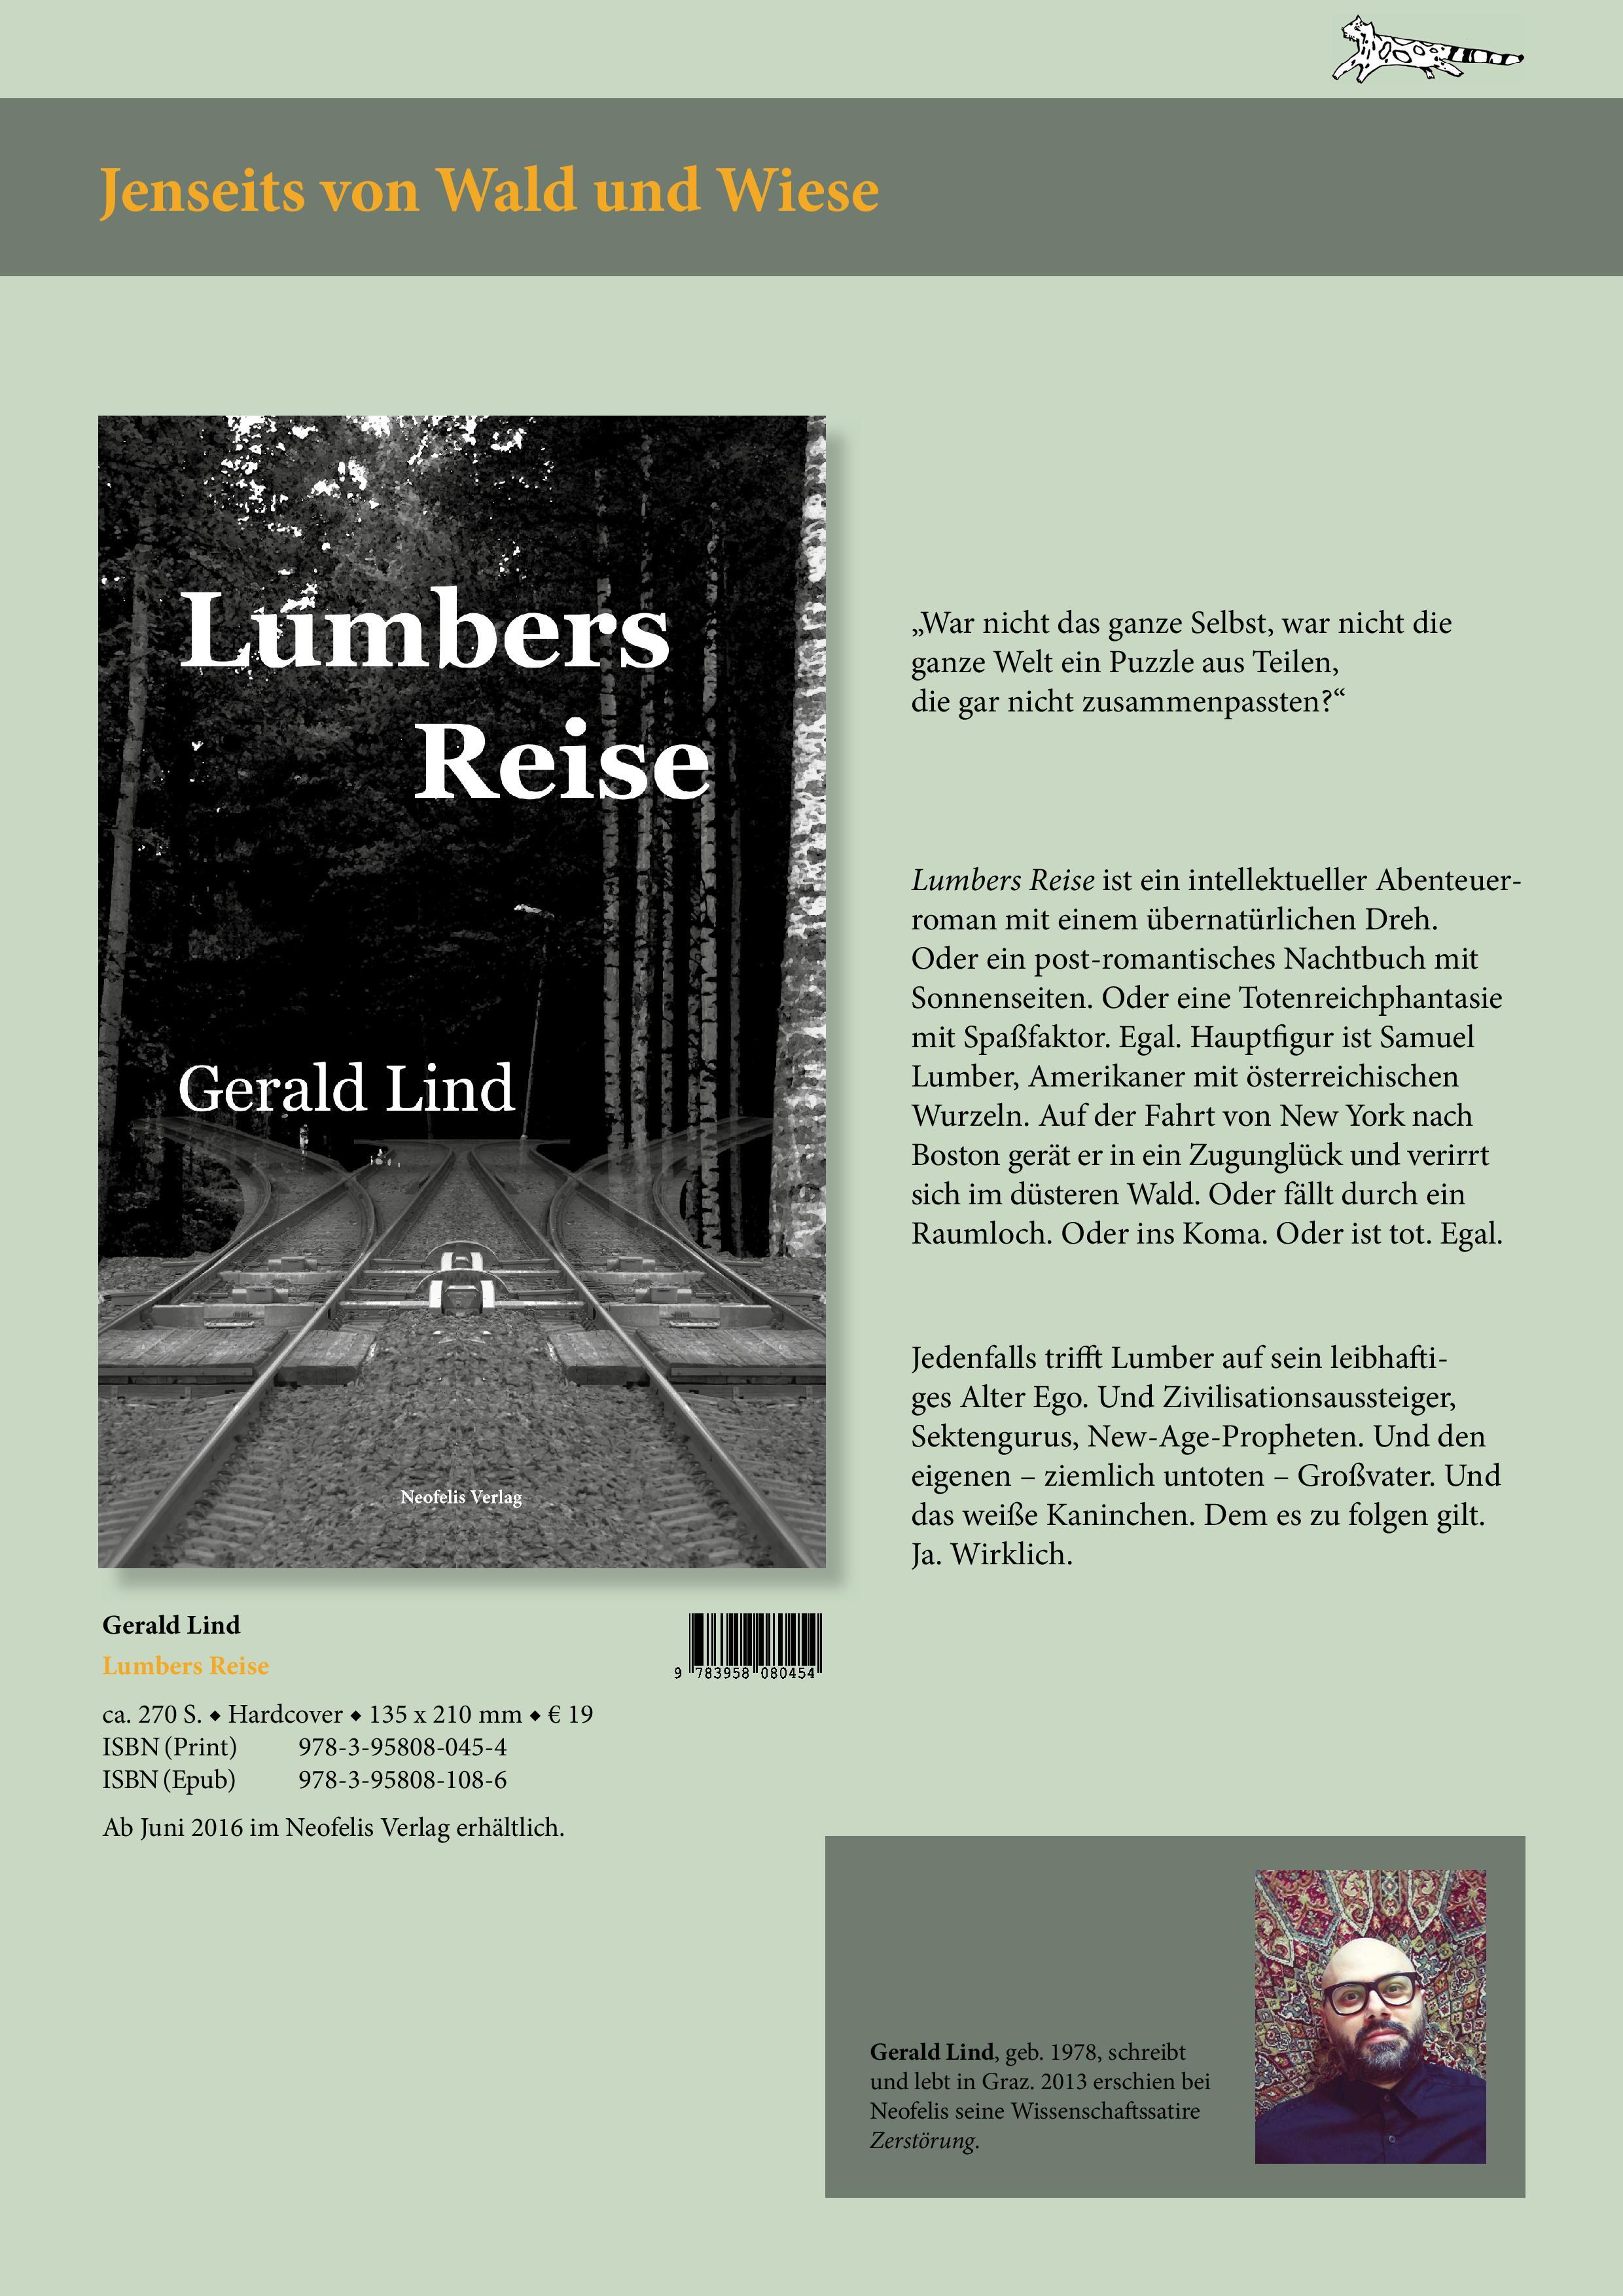 Lumbers Reise